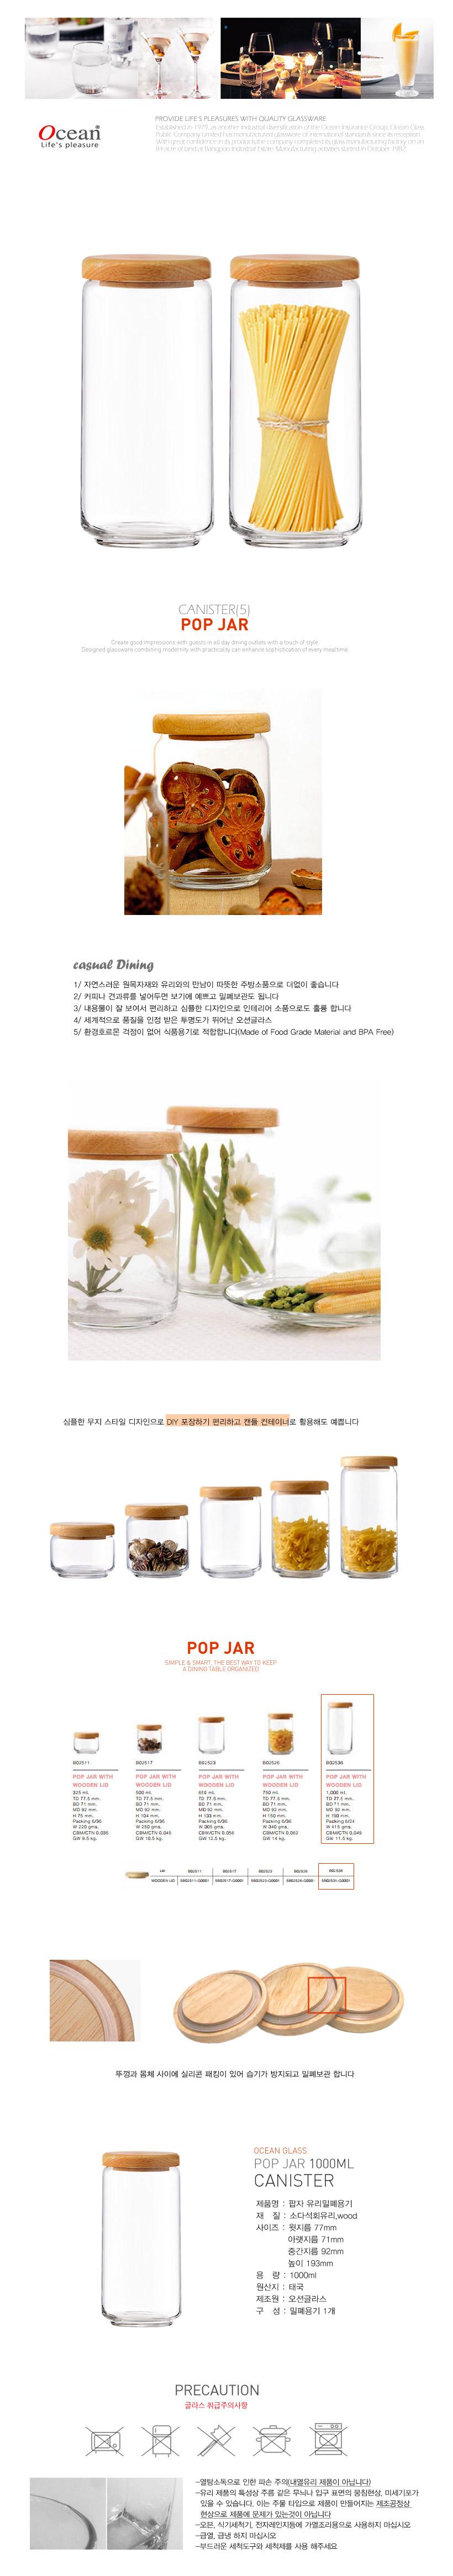 오션글라스 팝자 유리밀폐용기(wooden lid) 1000ml/유리투명용기/canister/ocean glass/B02536 - 재미있는생활, 7,600원, 밀폐/보관용기, 양념통/오일통